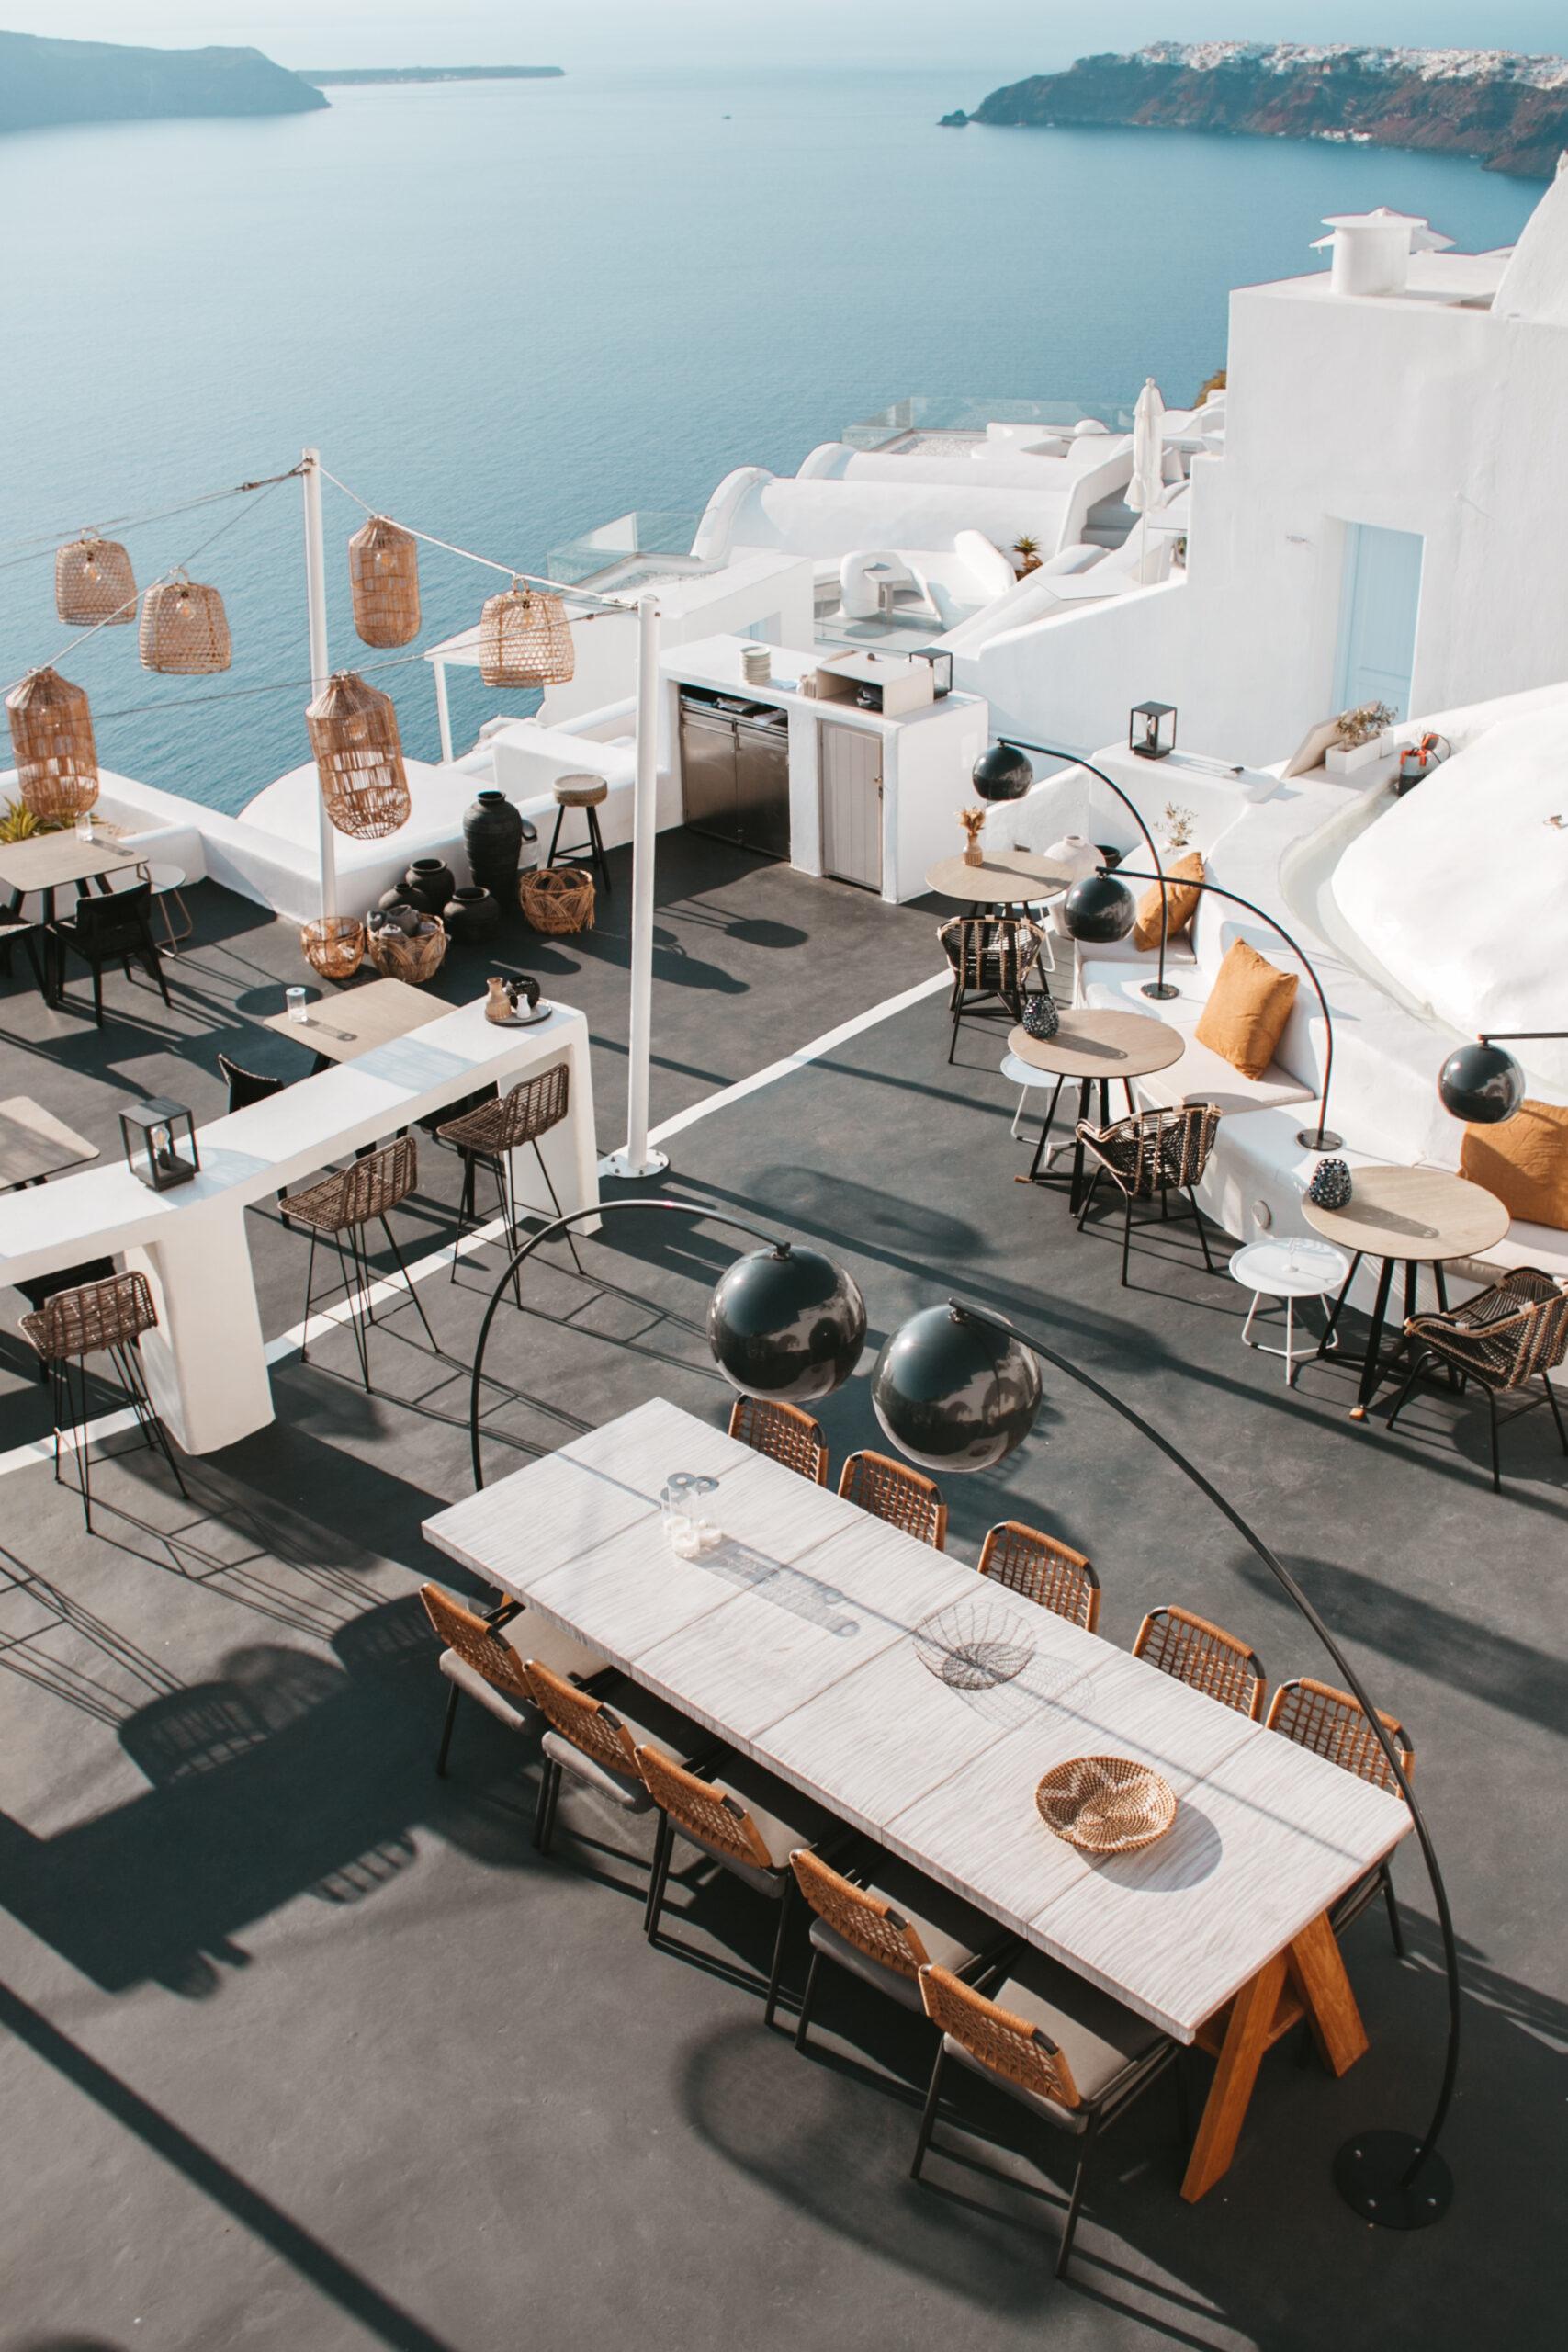 Atrakcje Santorini, co zobaczyć, Imerovigli, kaldera, caldera, białe domki Santorini, stylowa restauracja